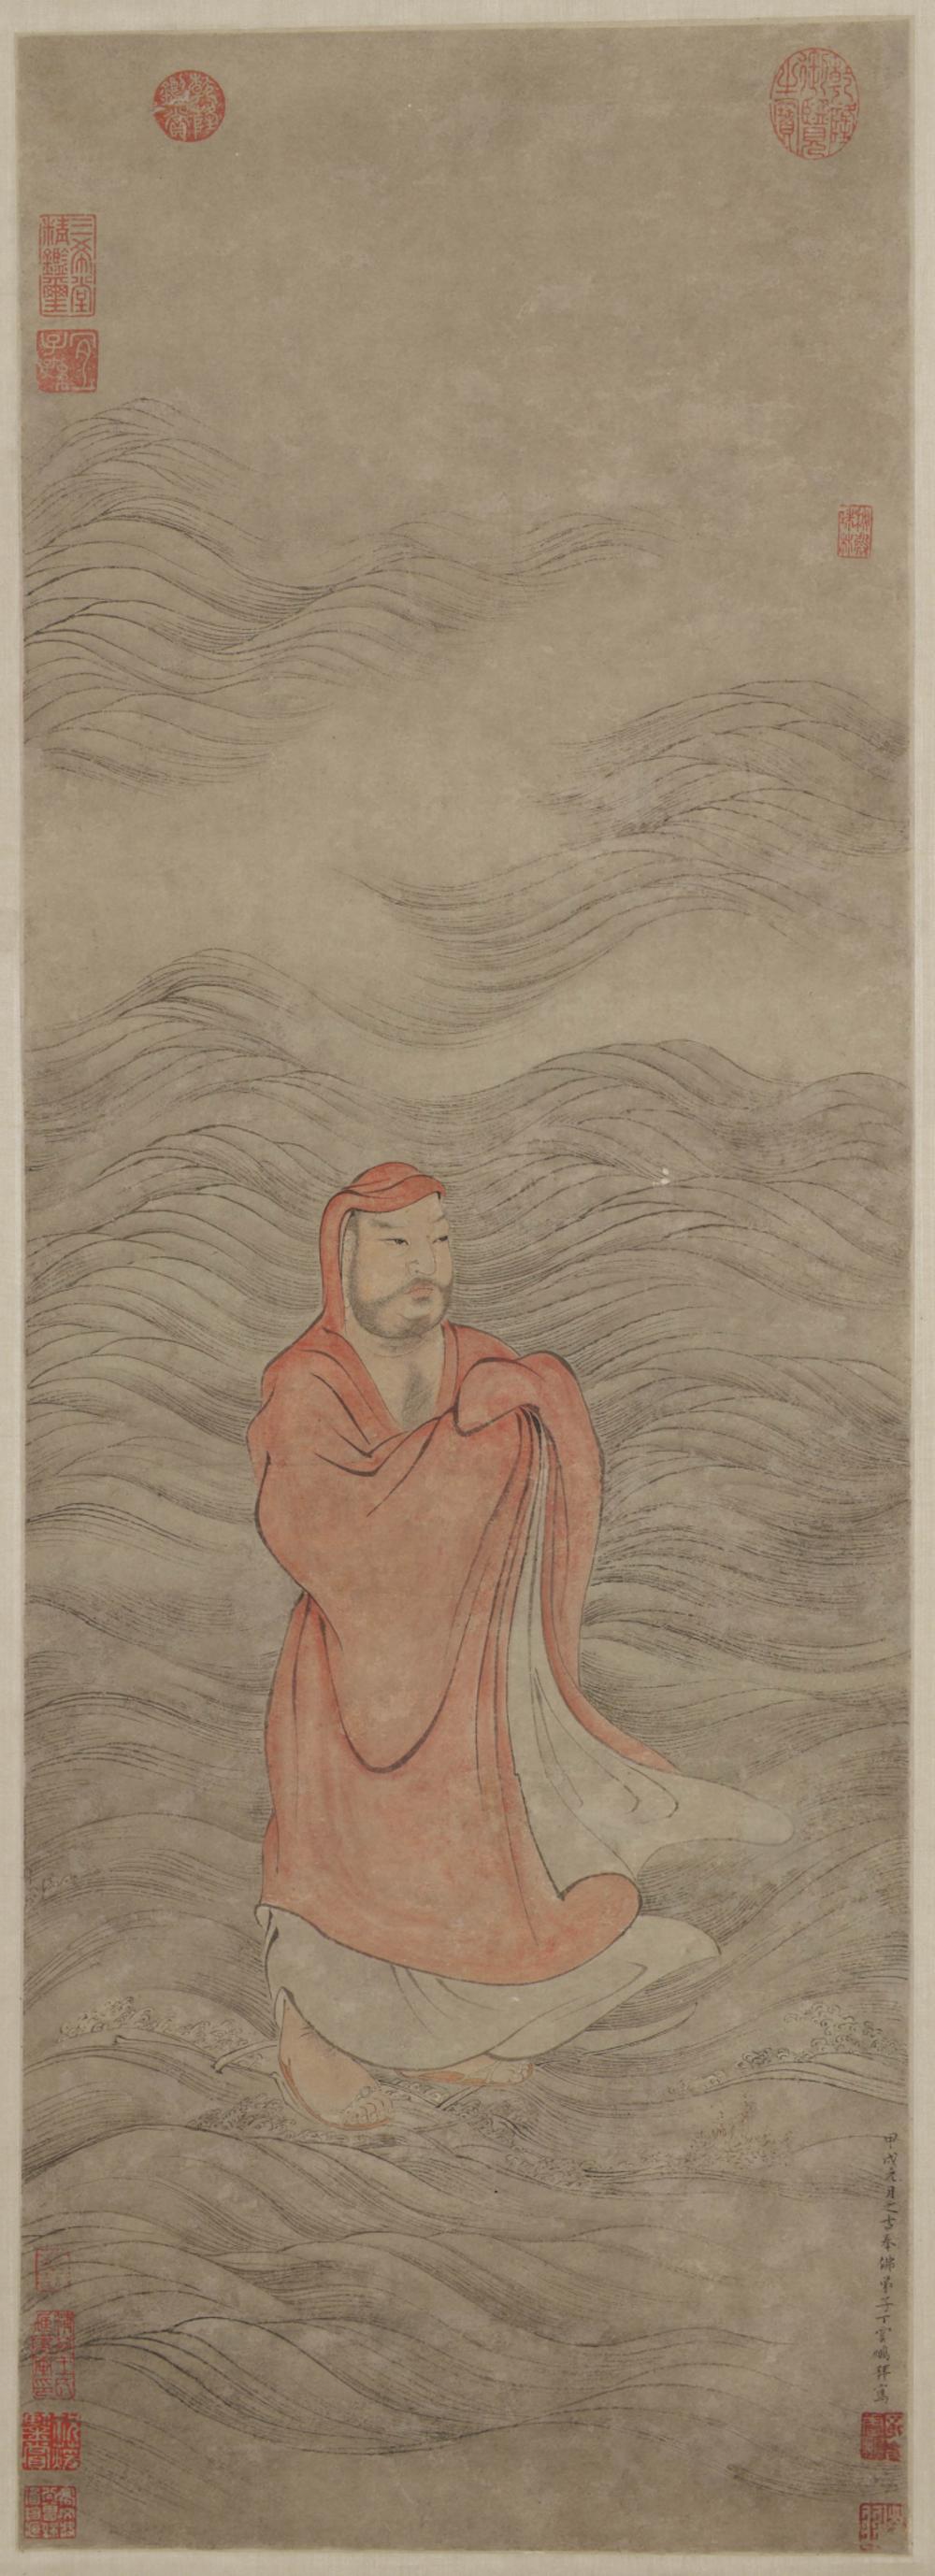 Bodhidharma überquert den Yangzi-Fluss auf einem Schilfgras